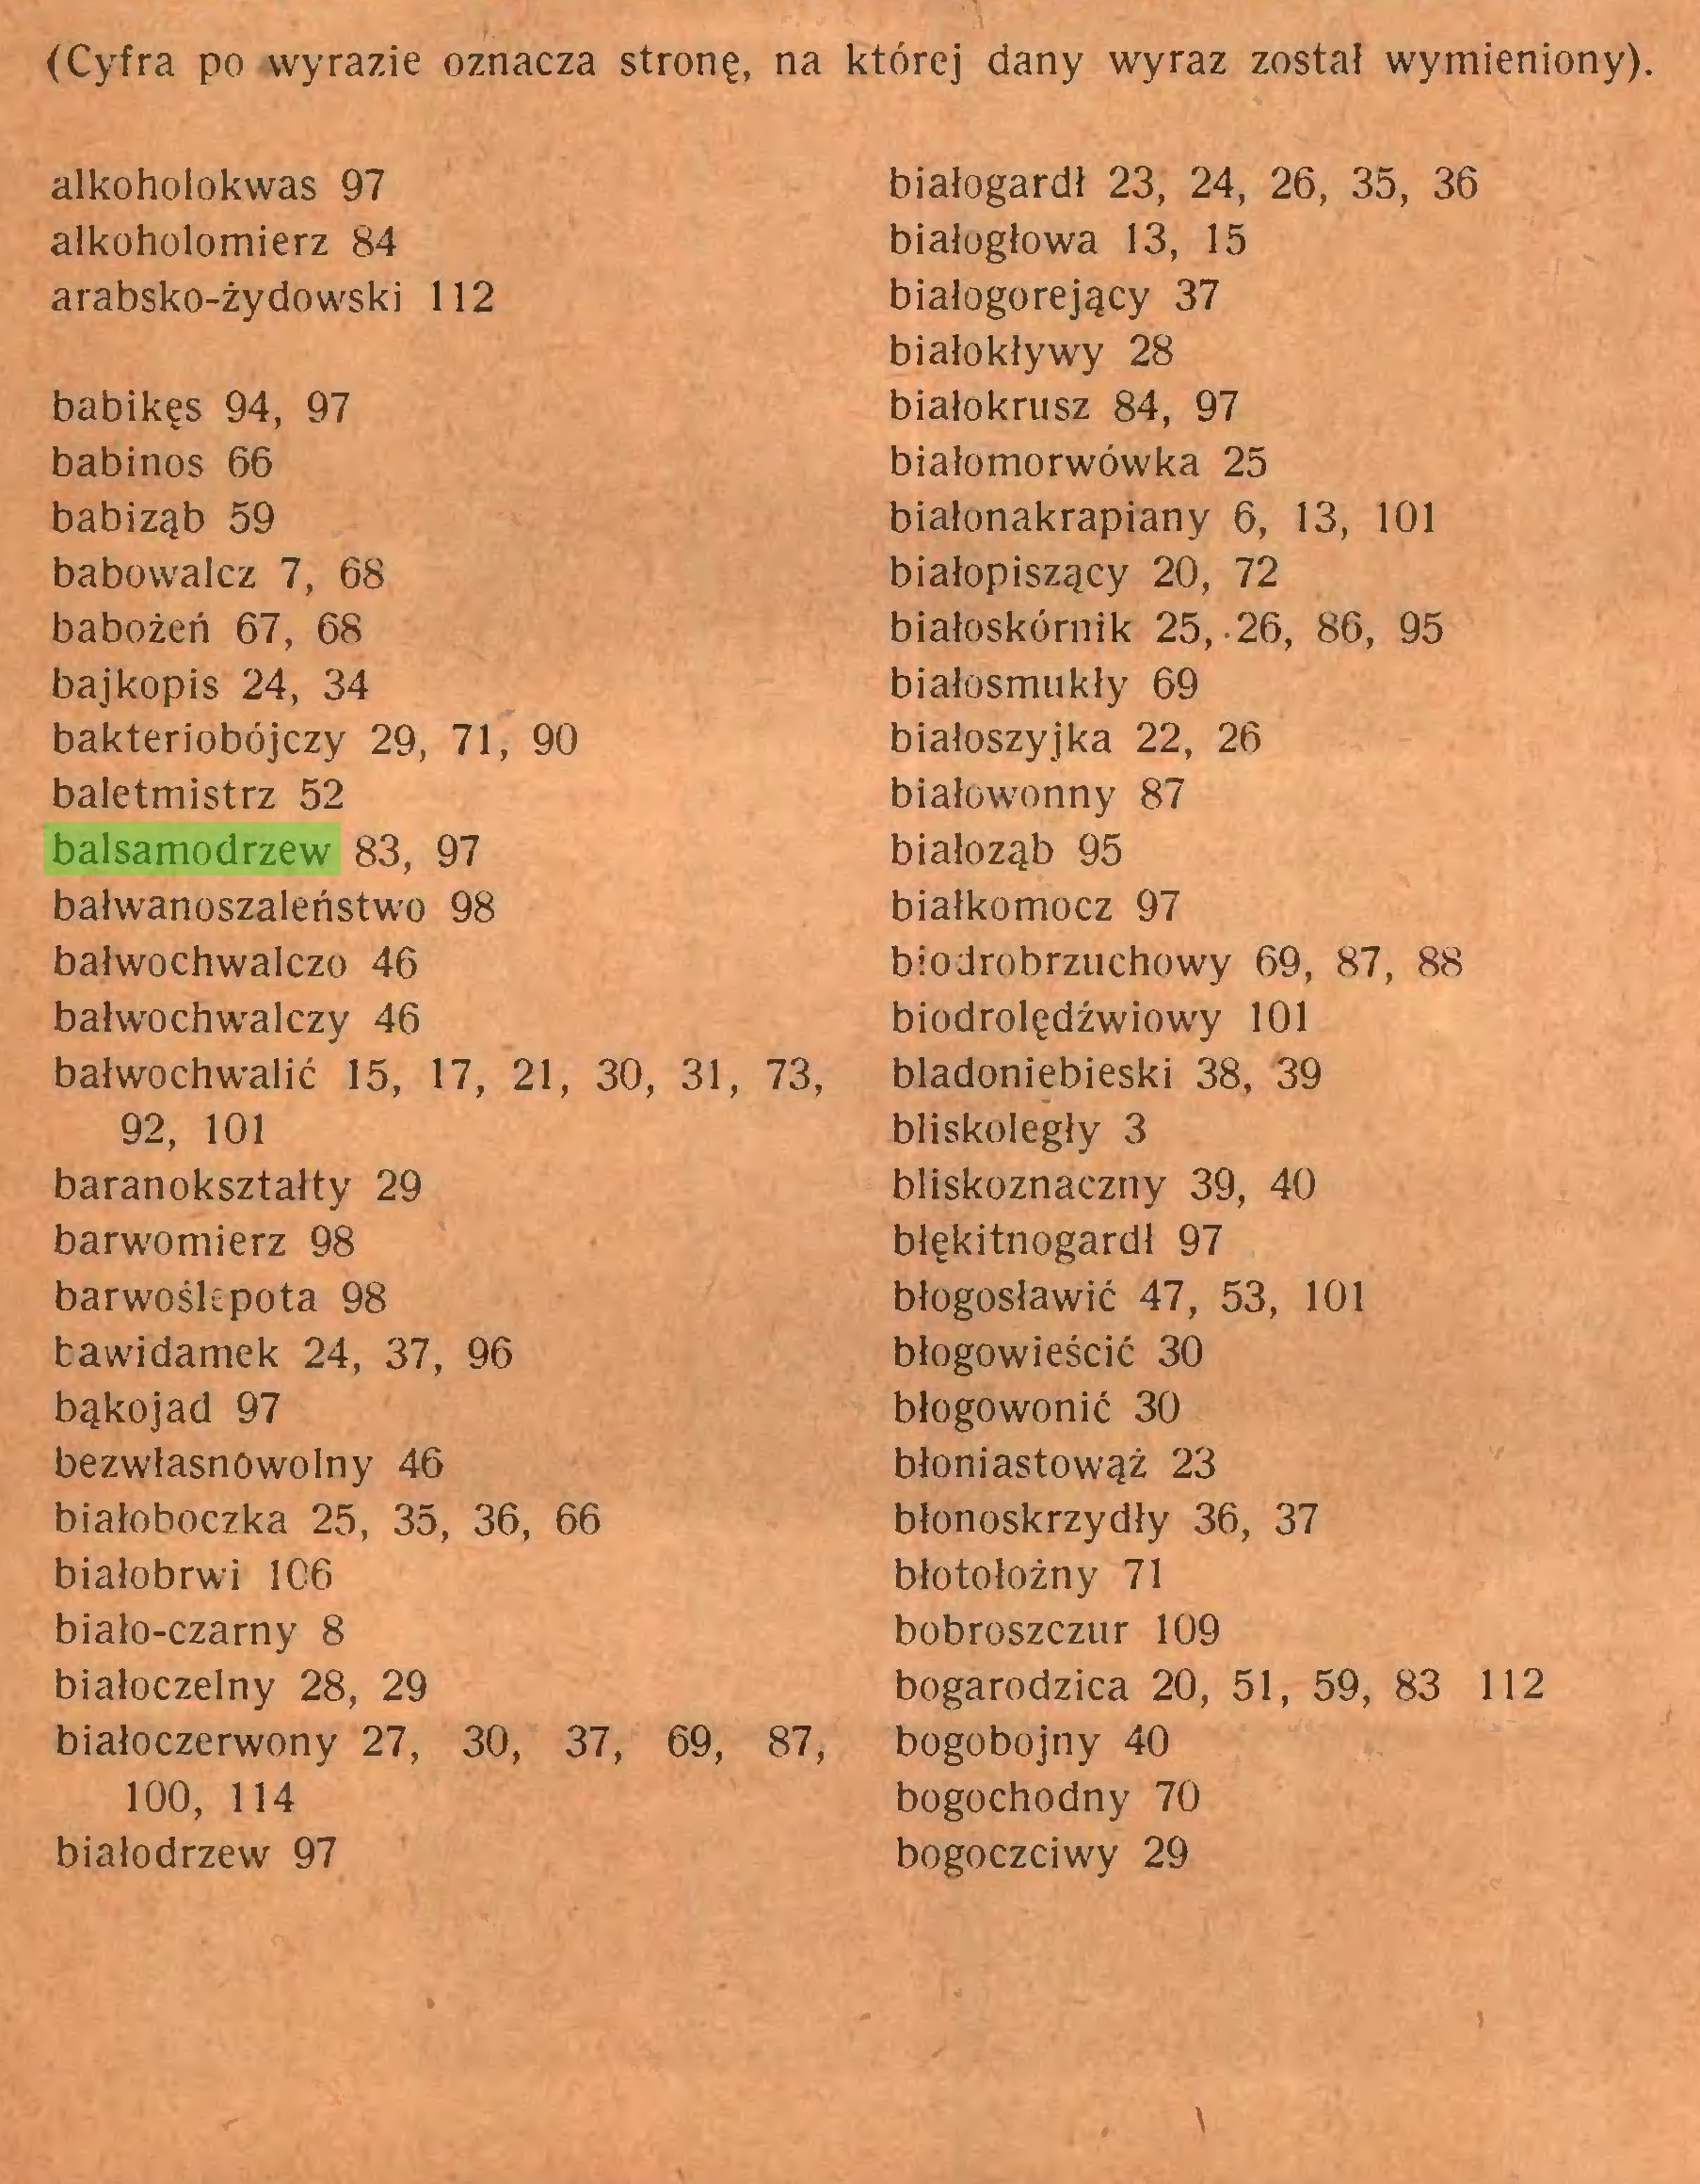 (...) (Cyfra po wyrazie oznacza stronę, na której dany wyraz został wymieniony). alkoholokwas 97 białogardł 23, 24, 26, 35, 36 alkoholomierz 84 białogłowa 13, 15 arabsko-żydowski 112 białogorejący 37 białokływy 28 babikęs 94, 97 białokrusz 84, 97 babinos 66 białomorwówka 25 babiząb 59 białonakrapiany 6, 13, 101 babowalcz 7, 68 białopiszący 20, 72 babożeń 67, 68 białoskórnik 25,-26, 86, 95 bajkopis 24, 34 białosmukły 69 bakteriobójczy 29, 71, 90 białoszyjka 22, 26 baletmistrz 52 białowonny 87 balsamodrzew 83, 97 białoząb 95 bałwanoszaleństwo 98 białkomocz 97 bałwochwalczo 46 biodrobrzuchowy 69, 87, 88 bałwochwalczy 46 biodrolędżwiowy 101 bałwochwalić 15, 17, 21, 30, 31, 73, bladoniebieski 38, 39 92, 101 bliskoległy 3 baranokształty 29 bliskoznaczny 39, 40 barwomierz 98 blękitnogardł 97 barwośkpota 98 błogosławić 47, 53, 101 tawidamek 24, 37, 96 błogowieścić 30 bąkojad 97 błogowonić 30 bezwłasnowolny 46 błoniastowąż 23 białoboczka 25, 35, 36, 66 błonoskrzydły 36, 37 białobrwi 106 błotołożny 71 biało-czarny 8 bobroszczur 109 białoczelny 28, 29 bogarodzica 20, 51, 59, 83 112 białoczerwony 27, 30, 37, 69, 87, bogobojny 40 100, 114 bogochodny 70 białodrzew 97 bogoczciwy 29 \...